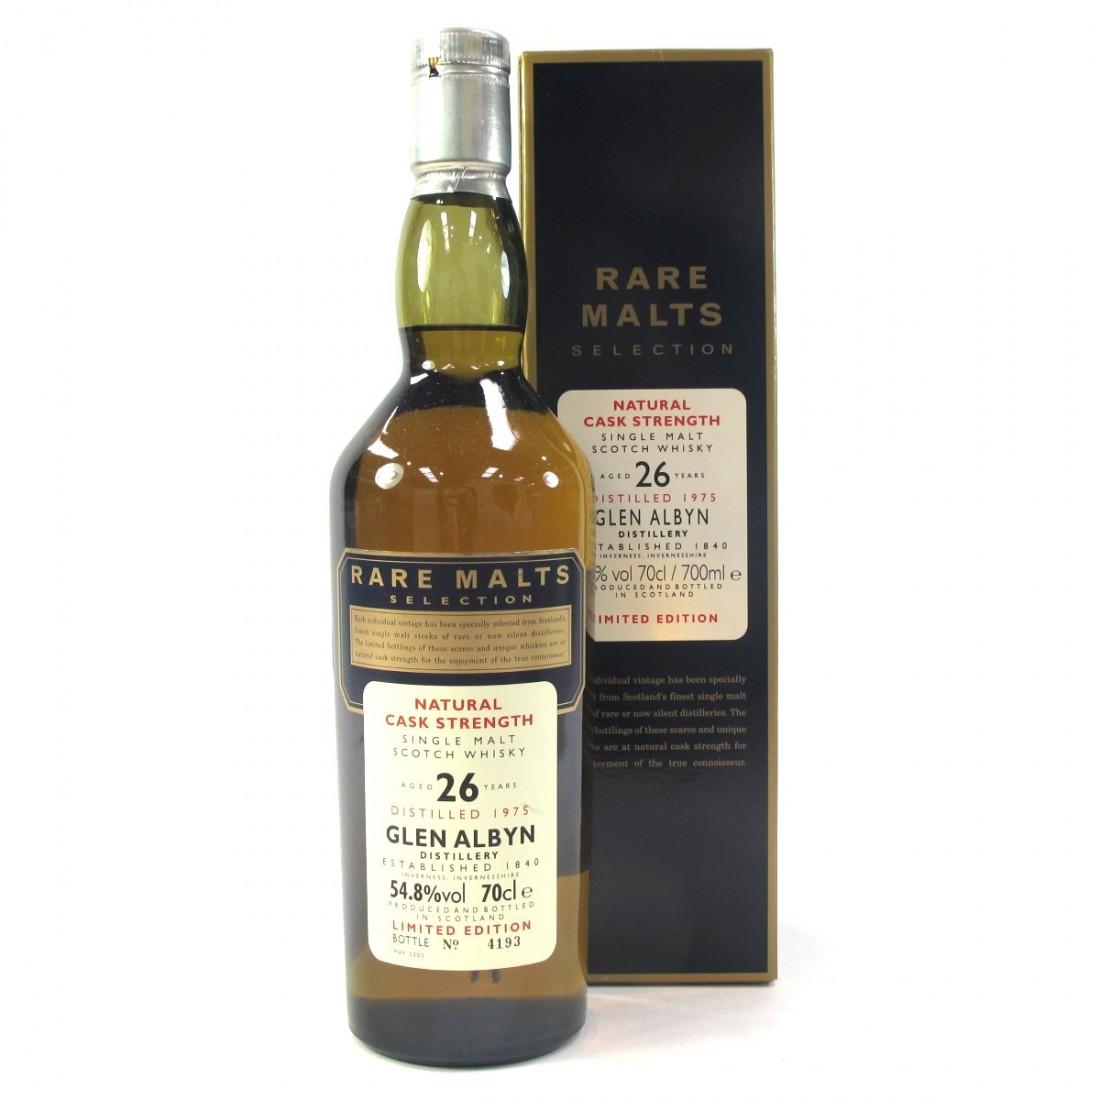 Glen Albyn 1975 Rare Malt 26 Year Old / 54.8%